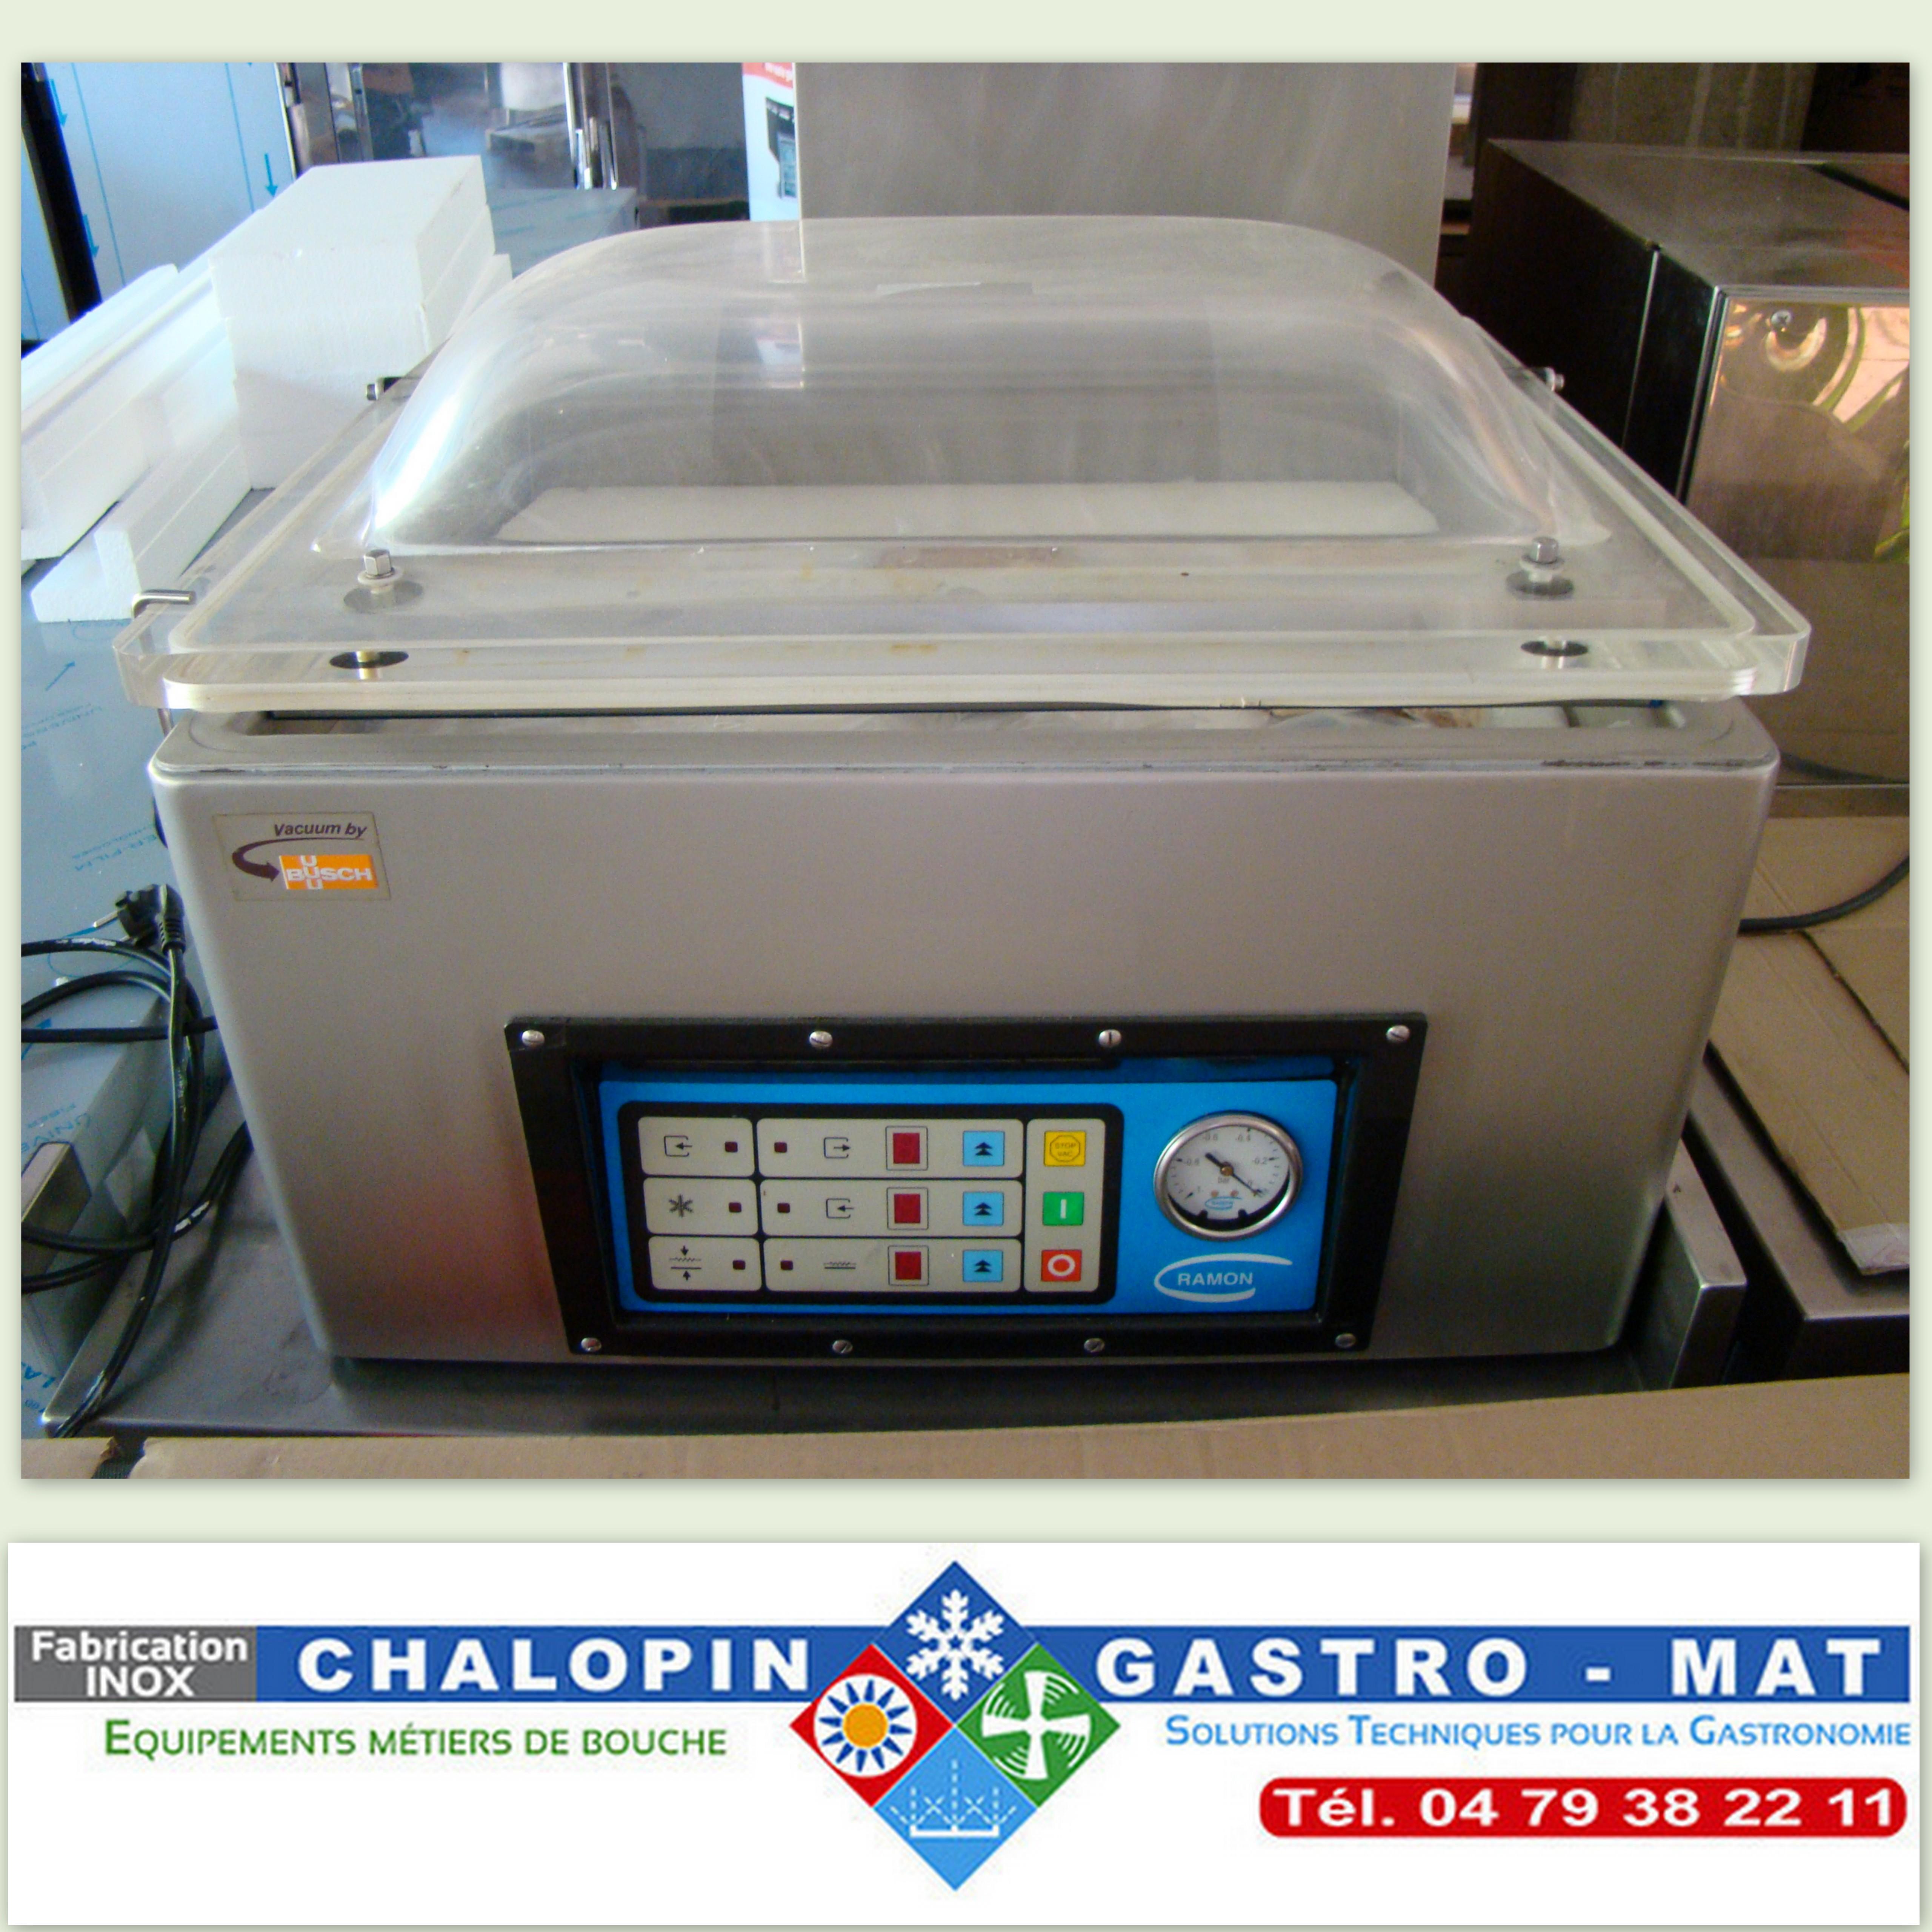 Machine Sous Vide Occasion Gastro Mat Materiel Cuisine Pro Savoie